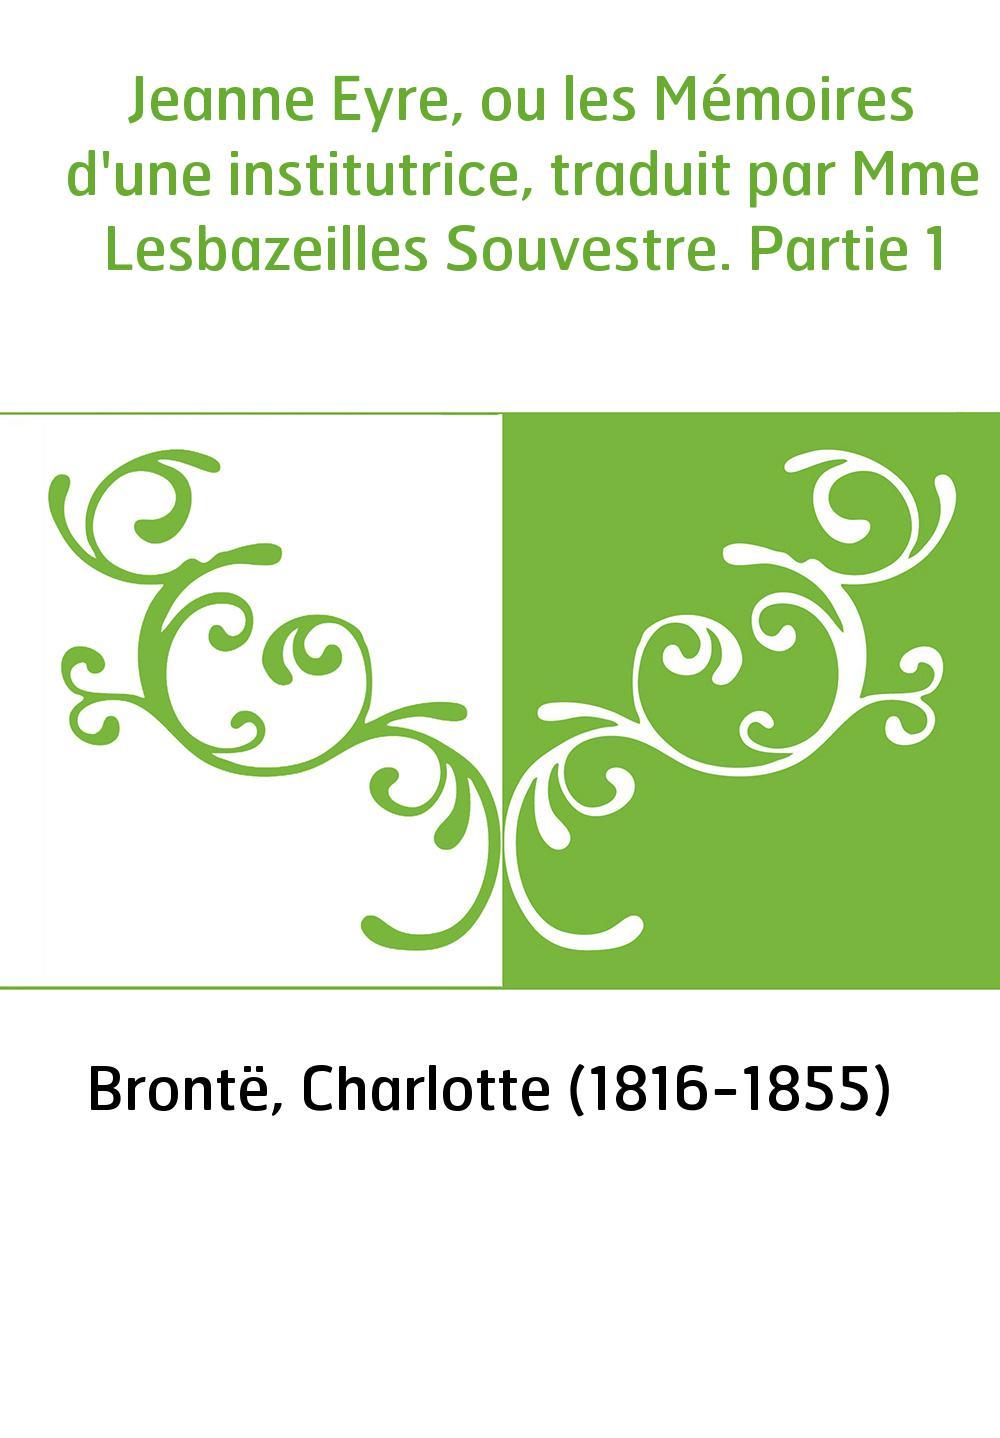 Jeanne Eyre, ou les Mémoires d'une institutrice, traduit par Mme Lesbazeilles Souvestre. Partie 1